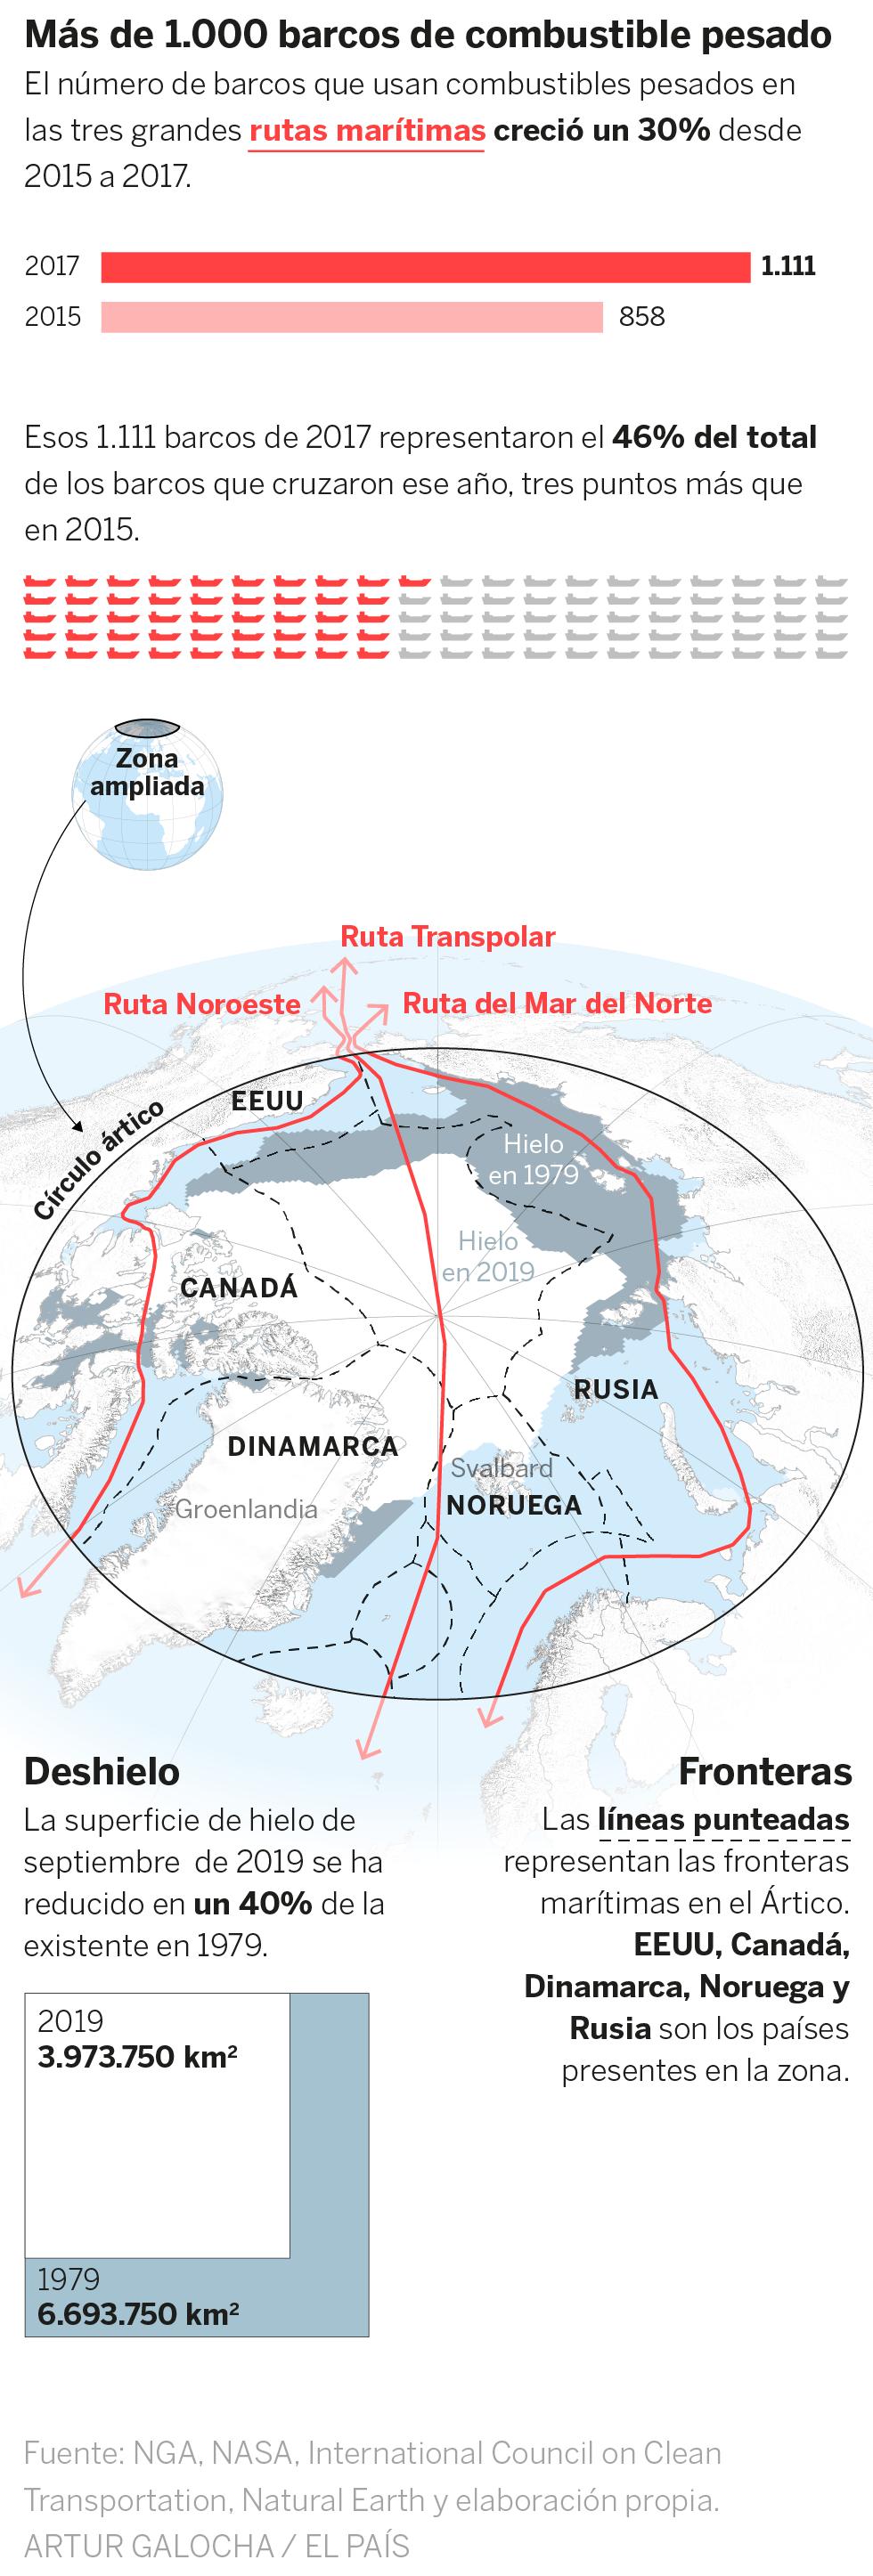 Ártico: La batalla por los recursos (petróleo, paso del noreste...). Noruega, Rusia, EEUU, Canadá, Dinamarca. - Página 2 15822810